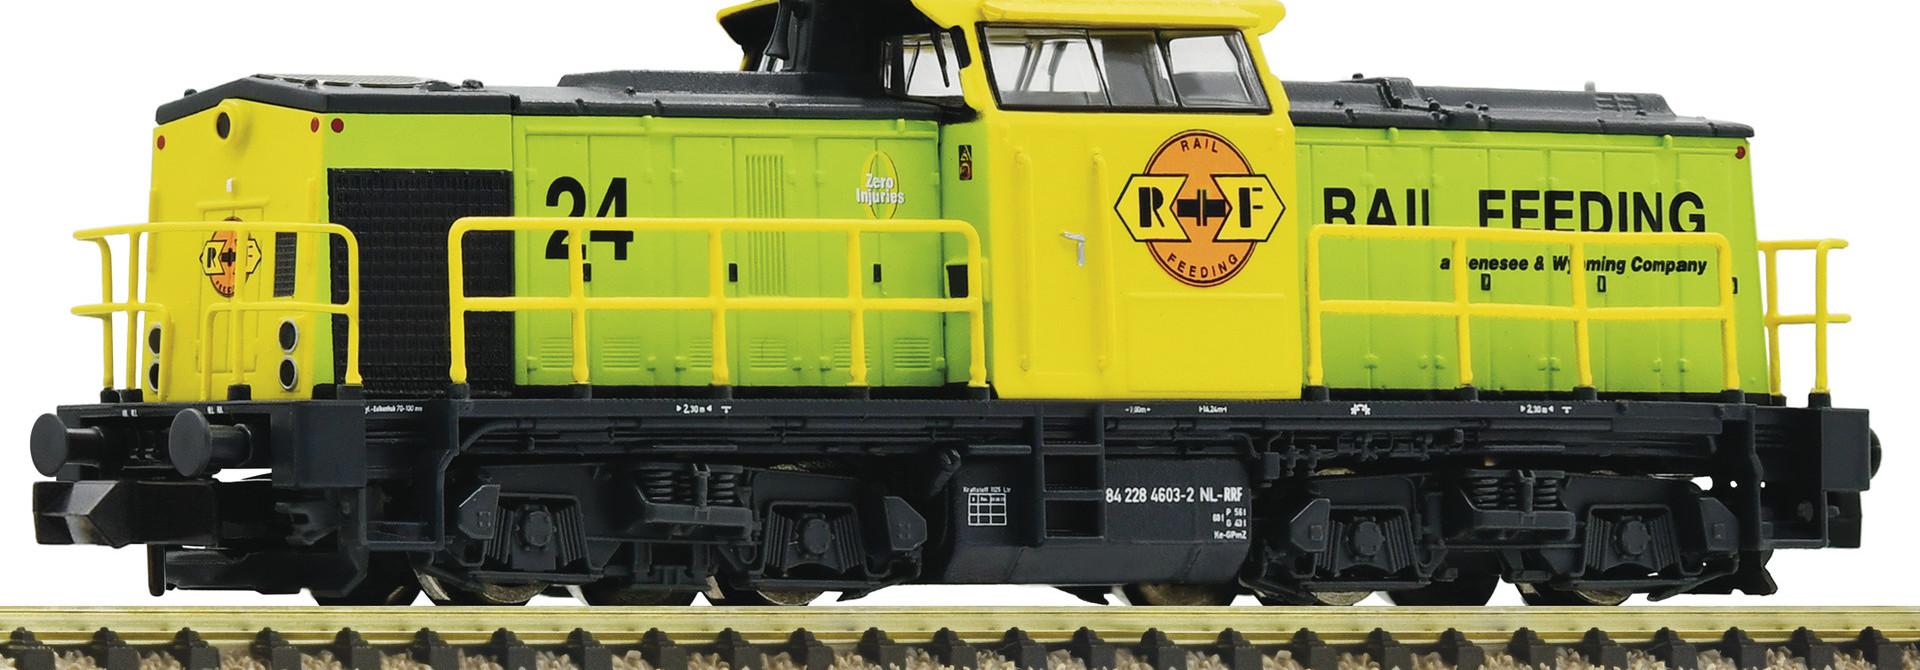 721015 diesellocomotief van de RRF Nederland